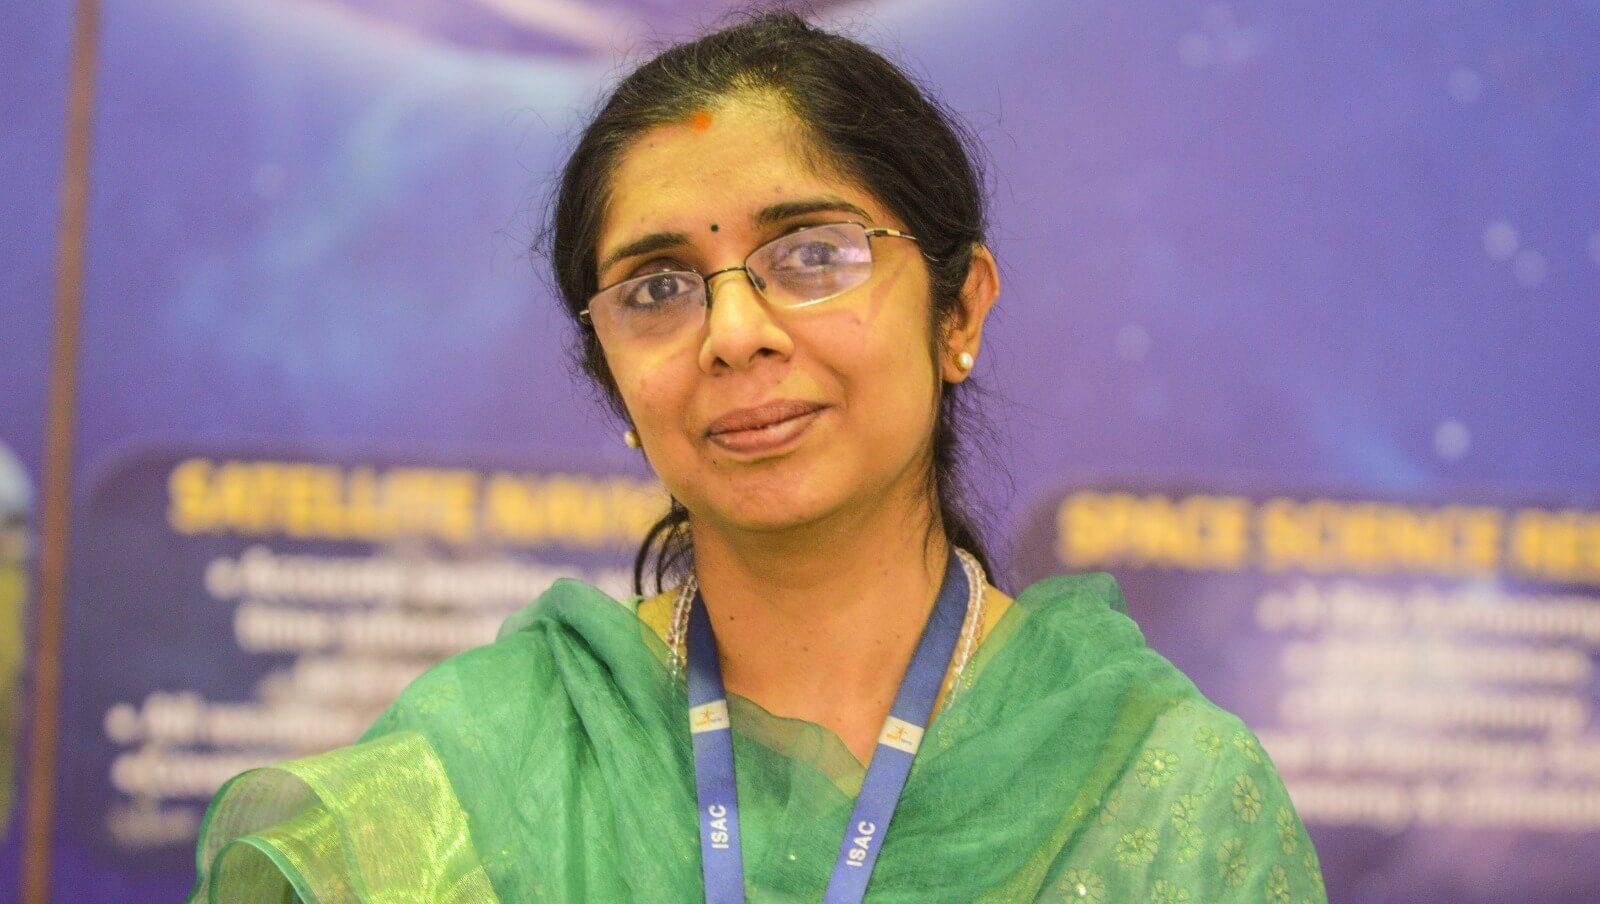 Nandini Harinath images